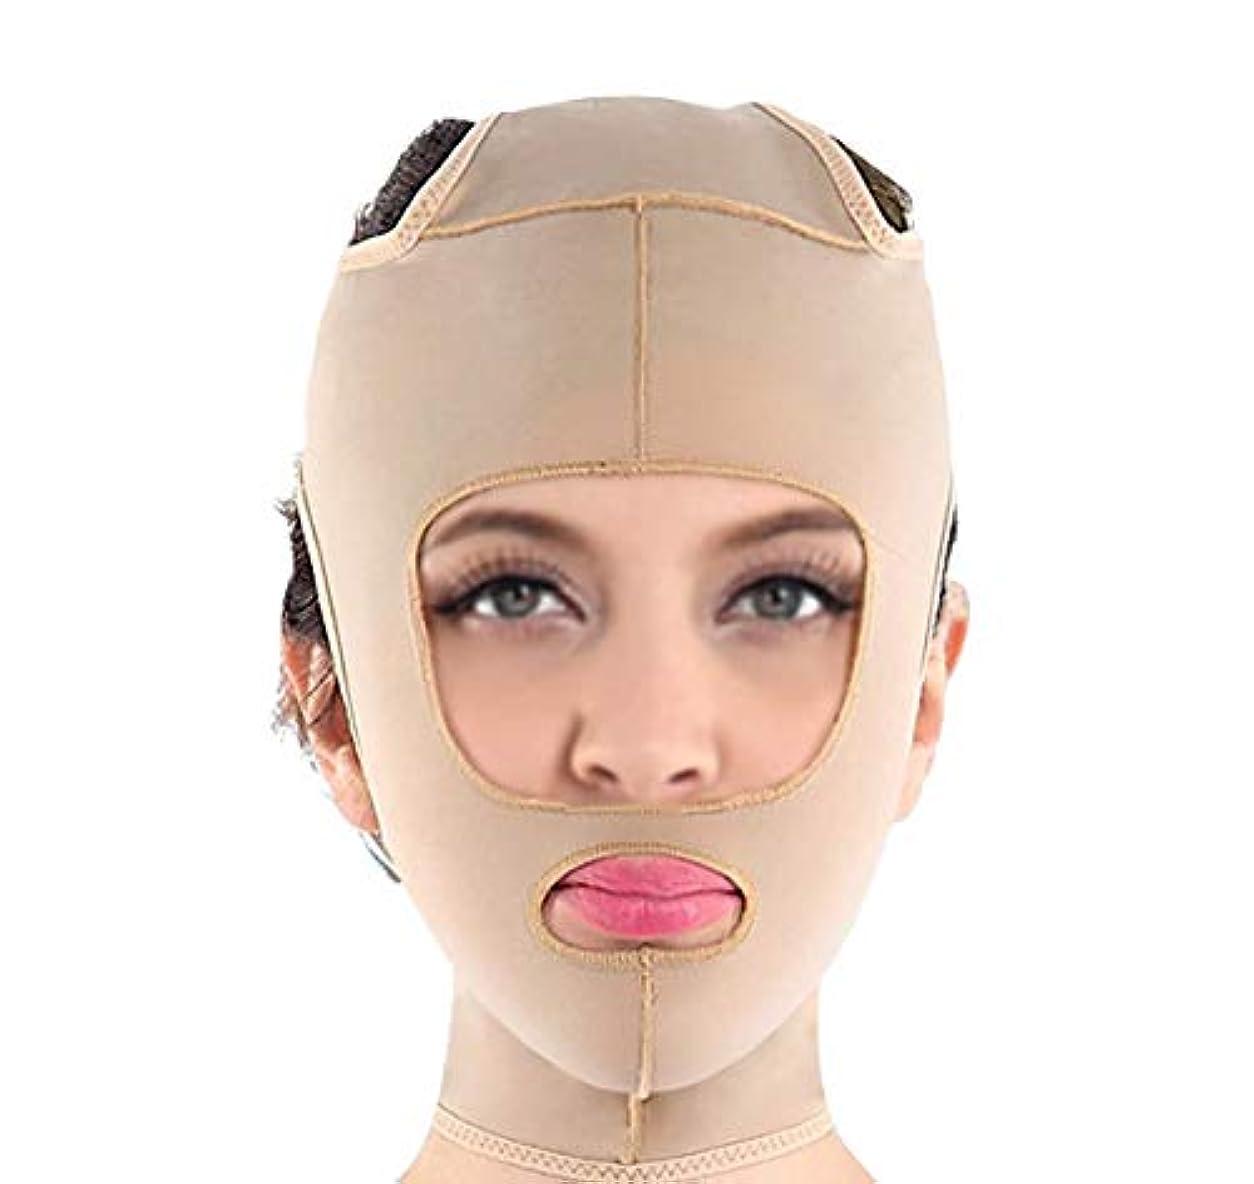 コピーあいにくるフェイスリフティングマスクで肌をしっかりと保ち、顔の筋肉の垂れ下がりや顔の美しい輪郭の整形を防止します(サイズ:Xl),M